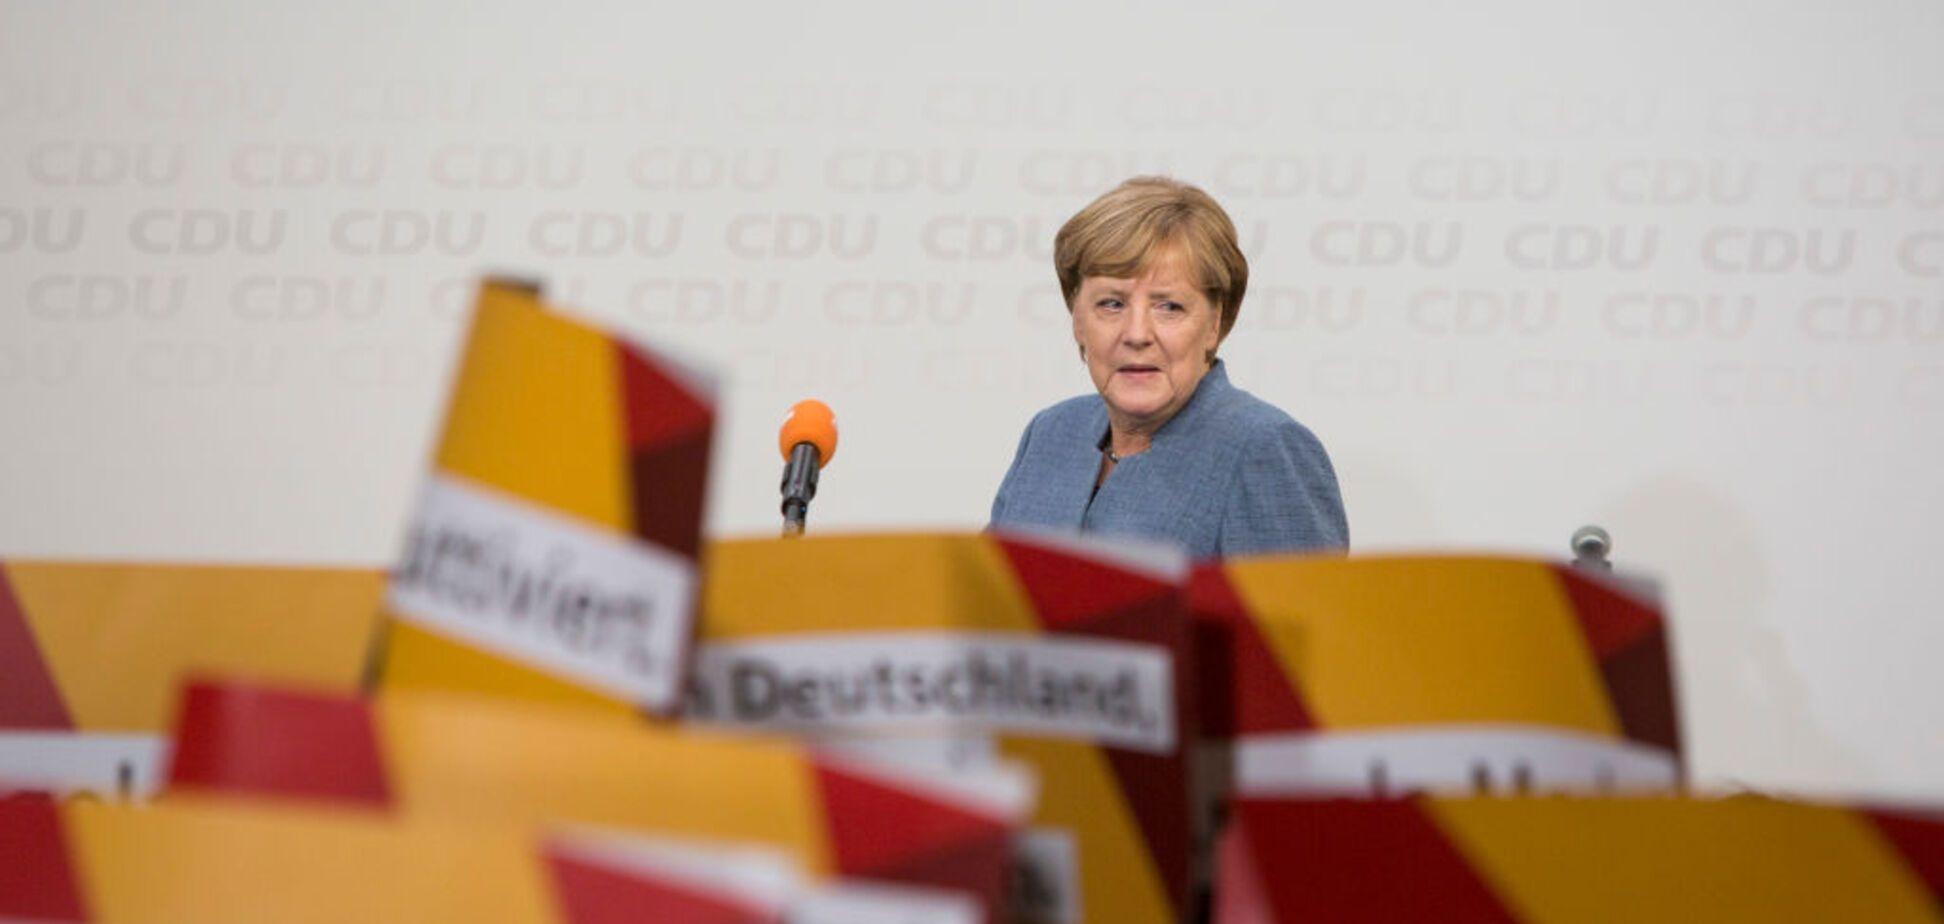 'Только там мы сохранимся': в Украине назвали задачи для Меркель после победы на выборах